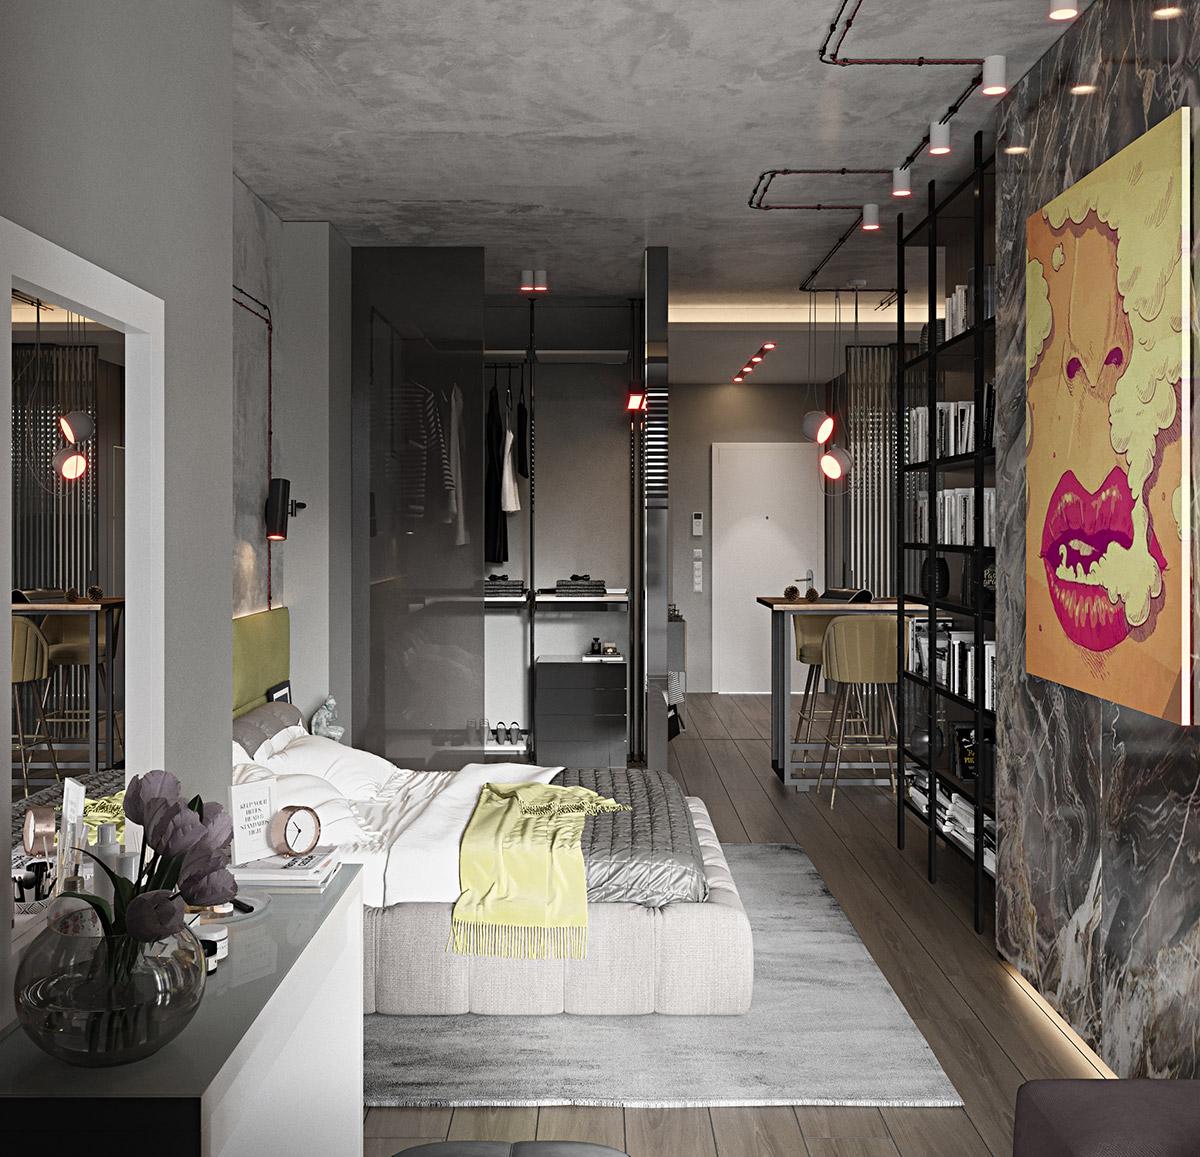 18 gợi ý cho thiết kế phòng ngủ sang trọng và phong cách - Ảnh 17.